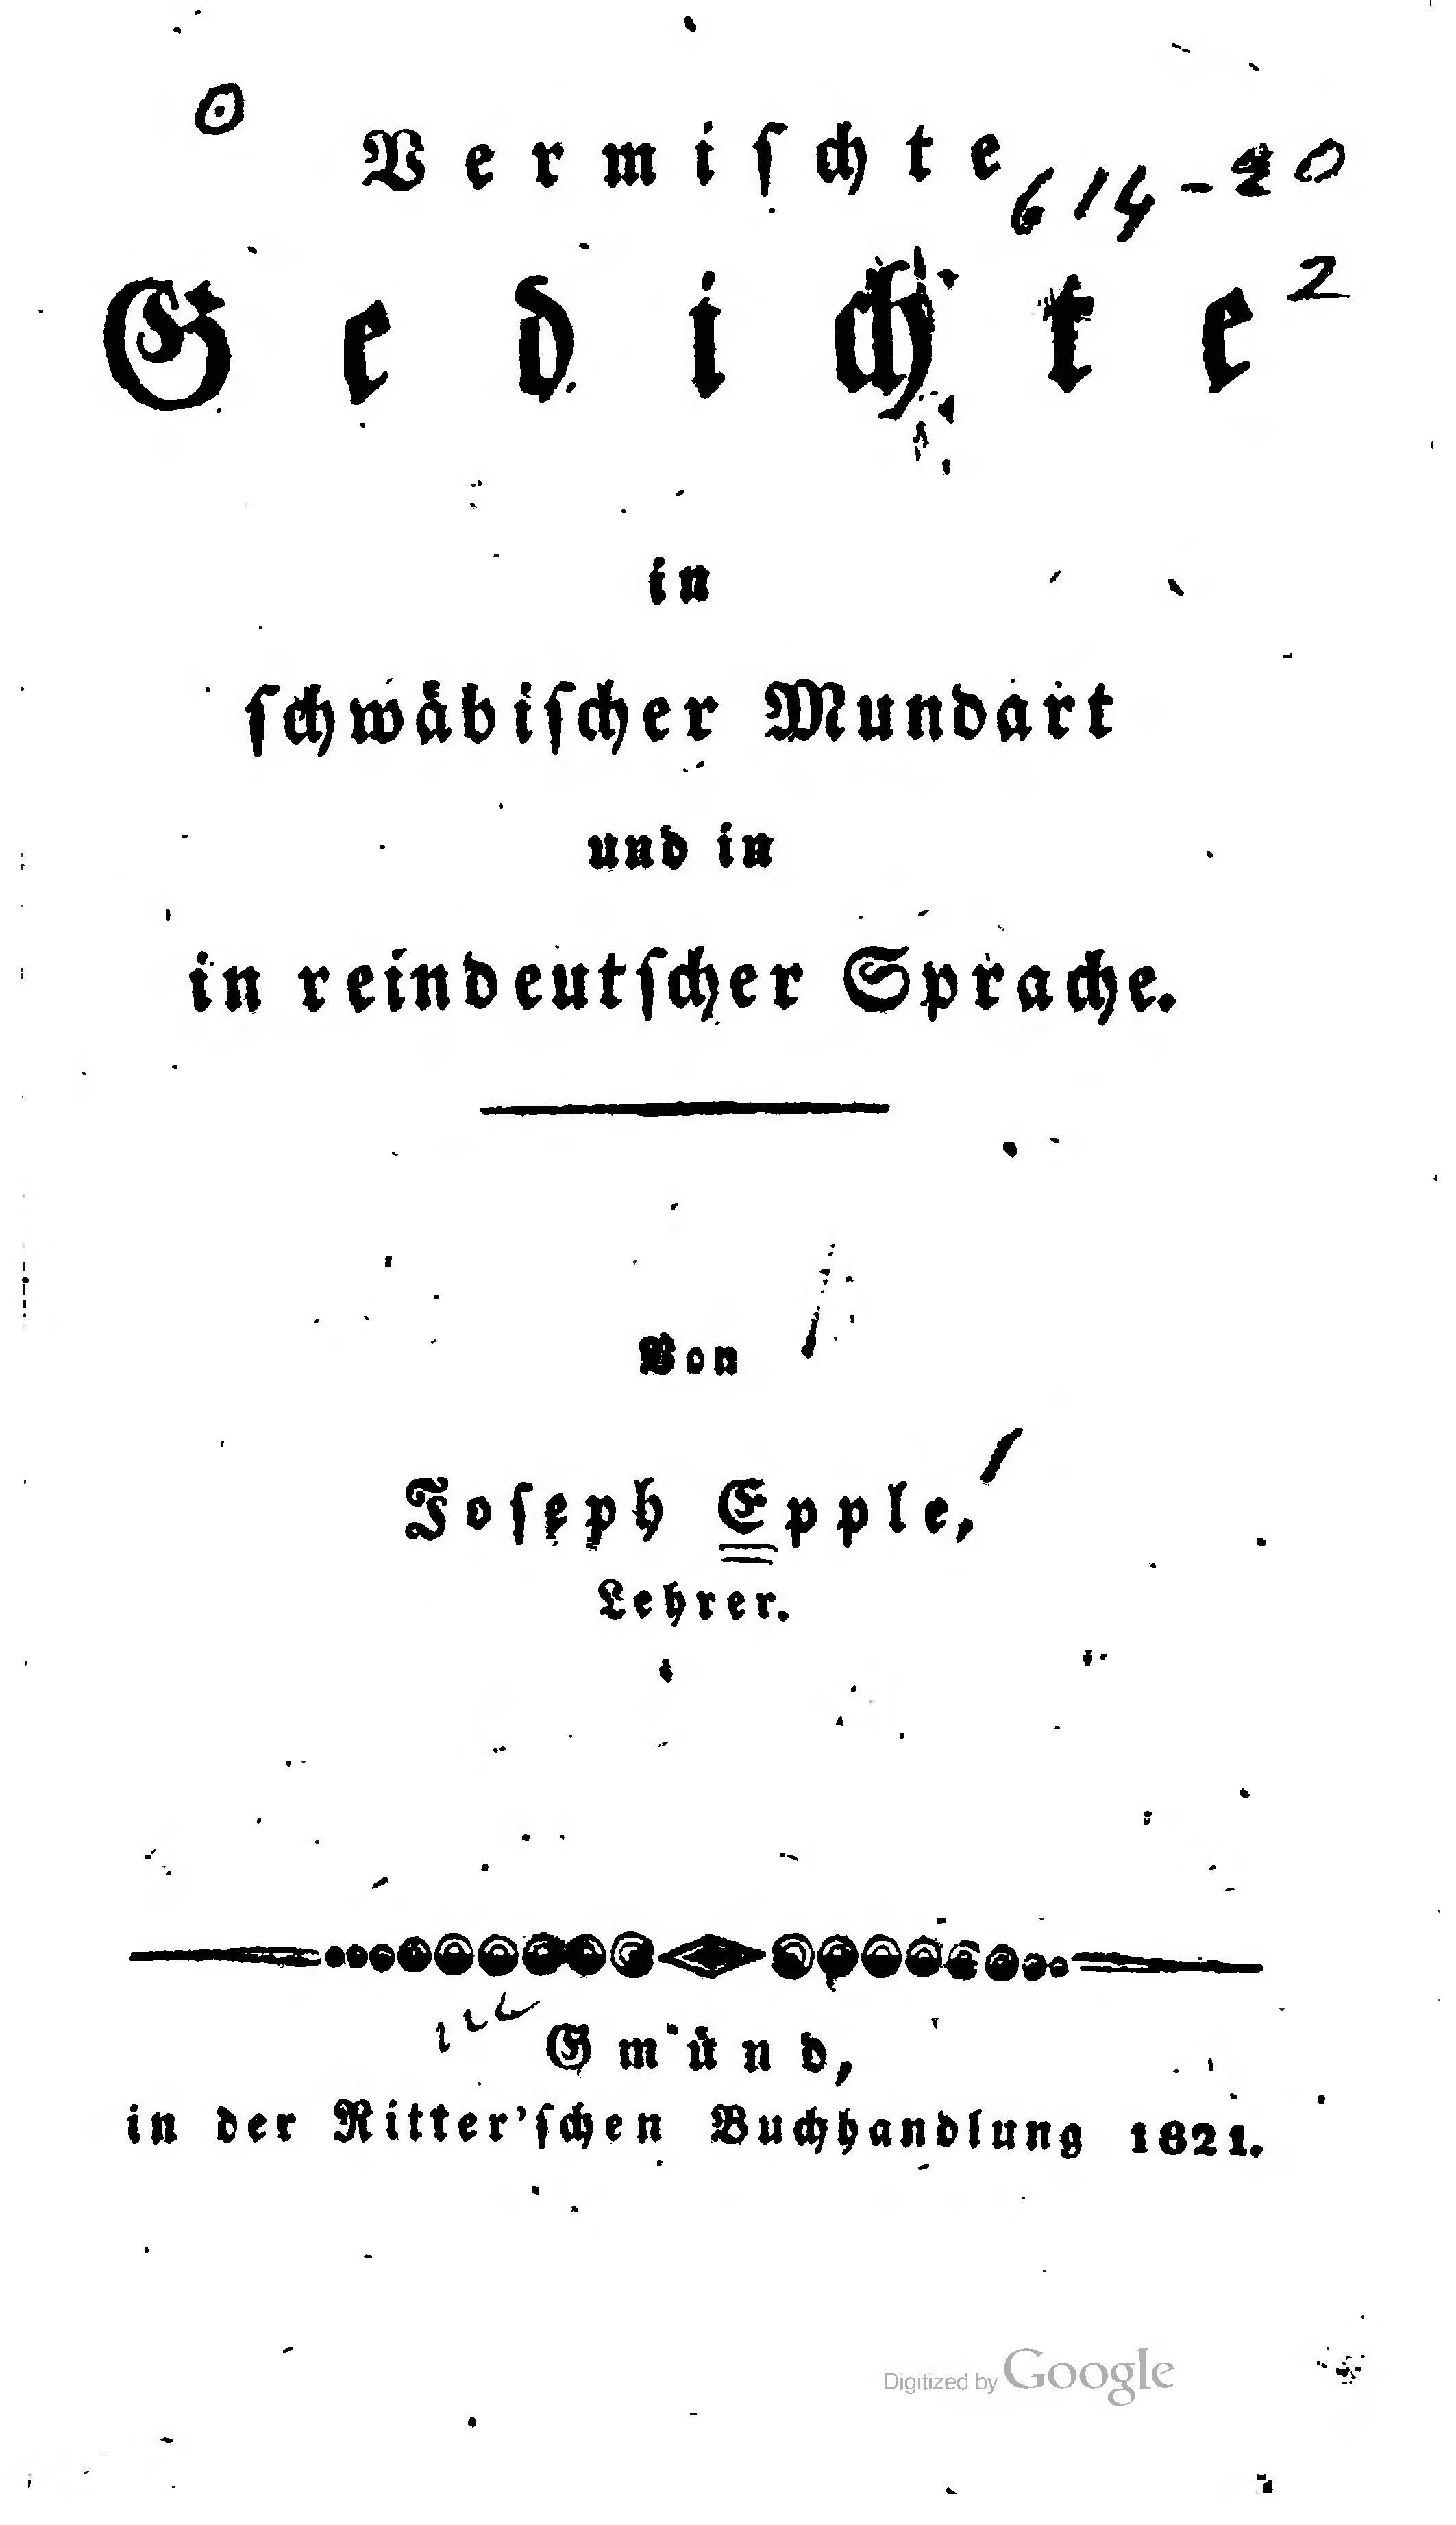 Fileepple Gedichte 1821djvu Wikimedia Commons